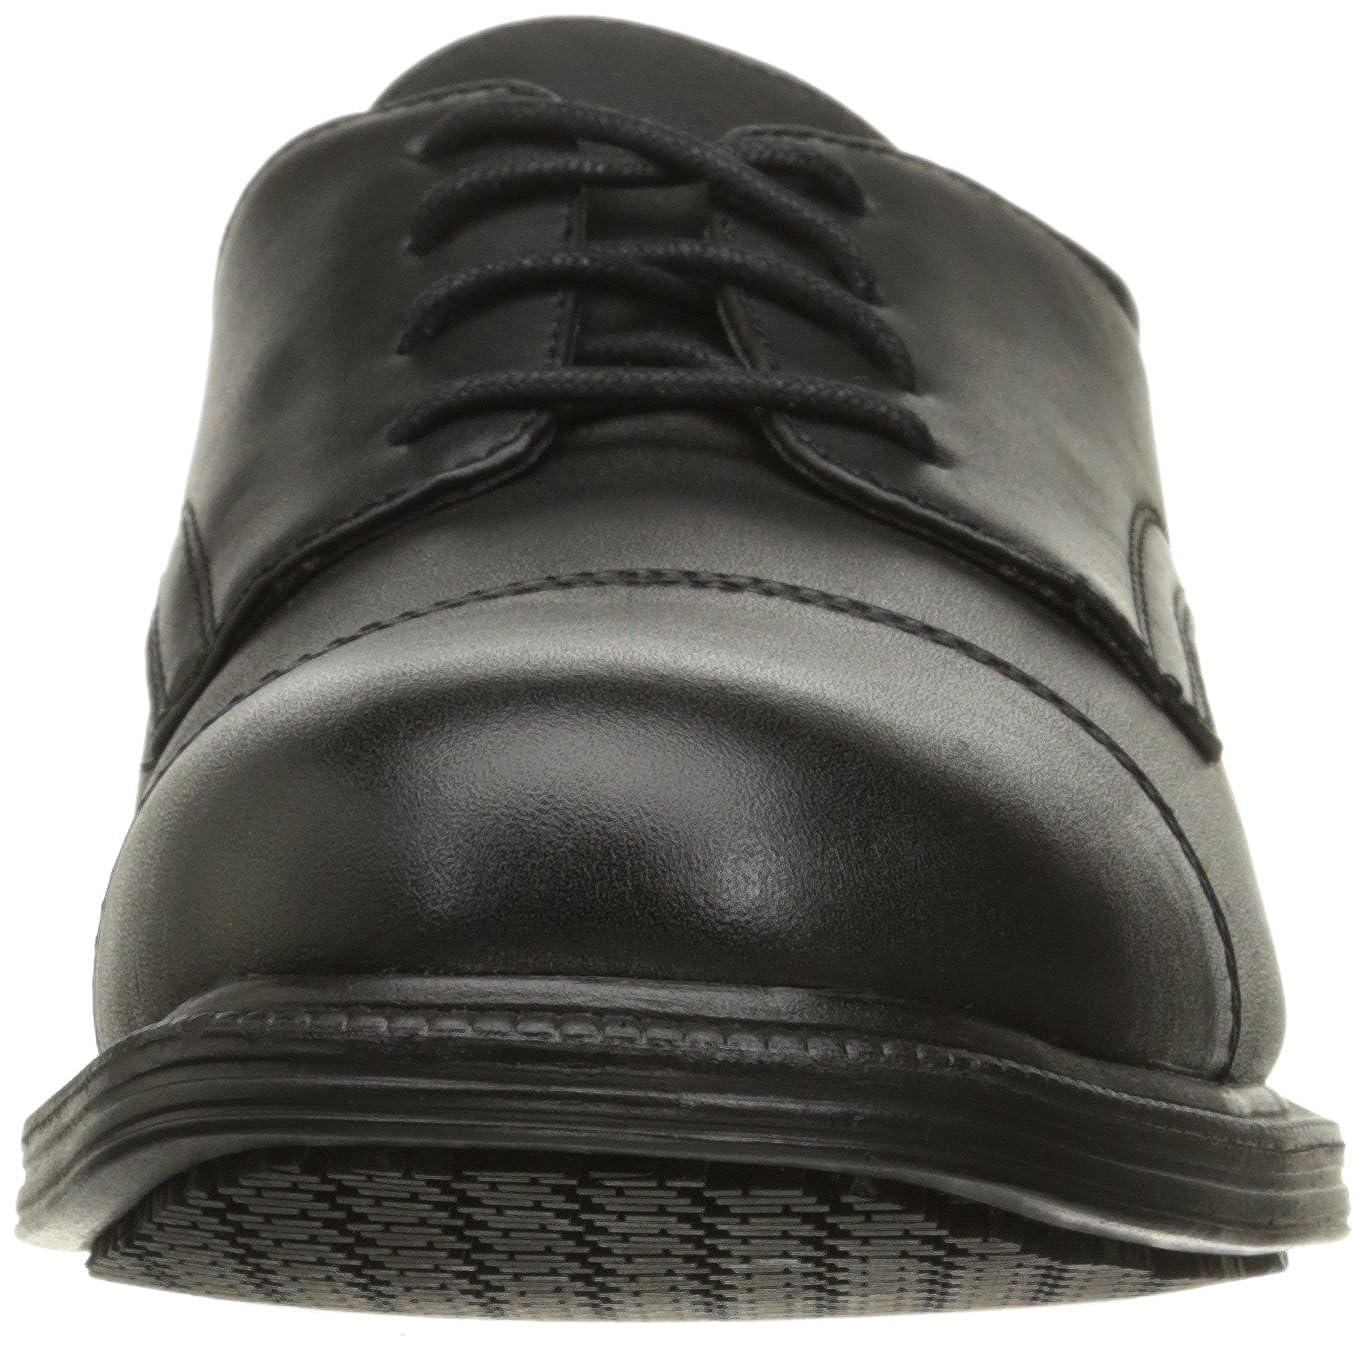 Skechers Work Men's Gretna Gering Slip Resistant Work schuhe schuhe schuhe b2217e